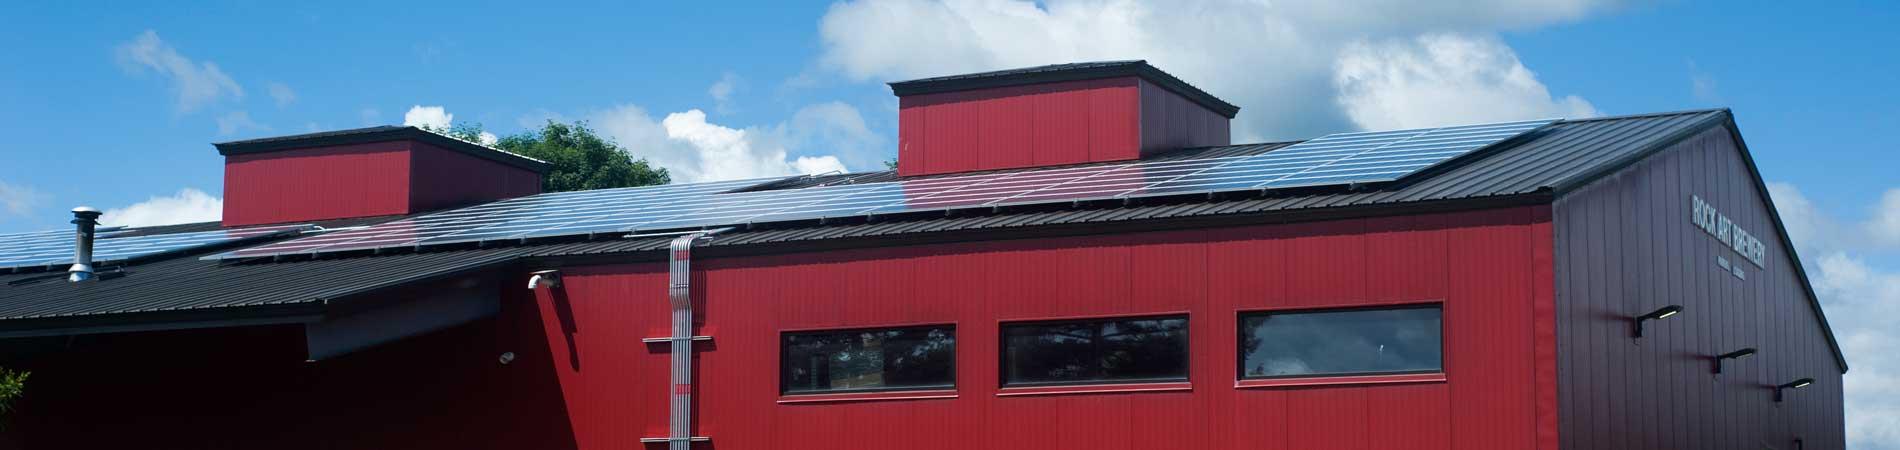 Rock Art Solar Install